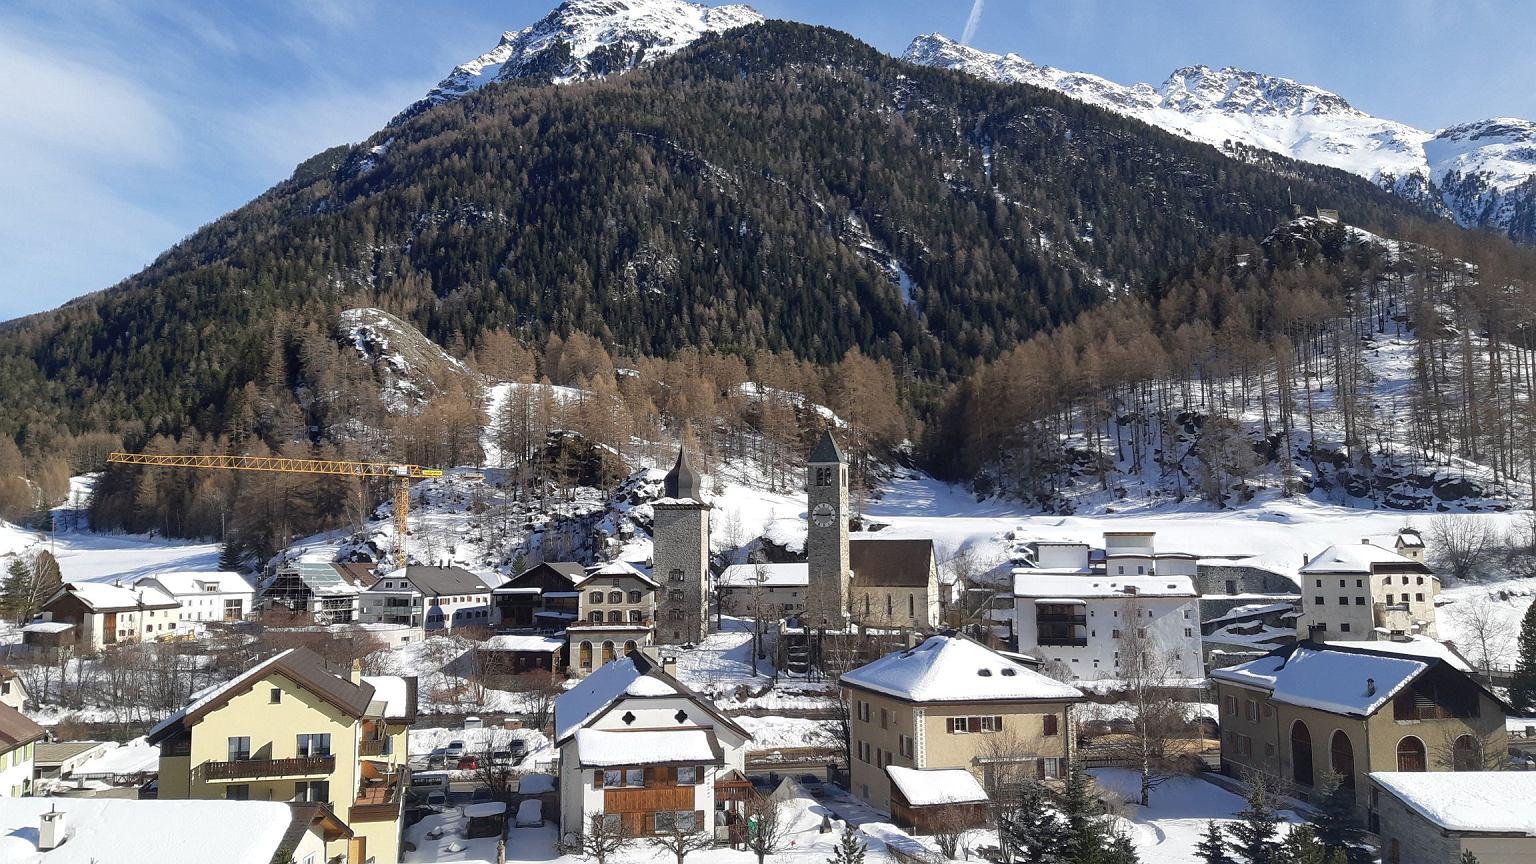 Wieś Susch i muzeum sztuki współczesnej niemal niezauważalnie wpisane w jej panoramę